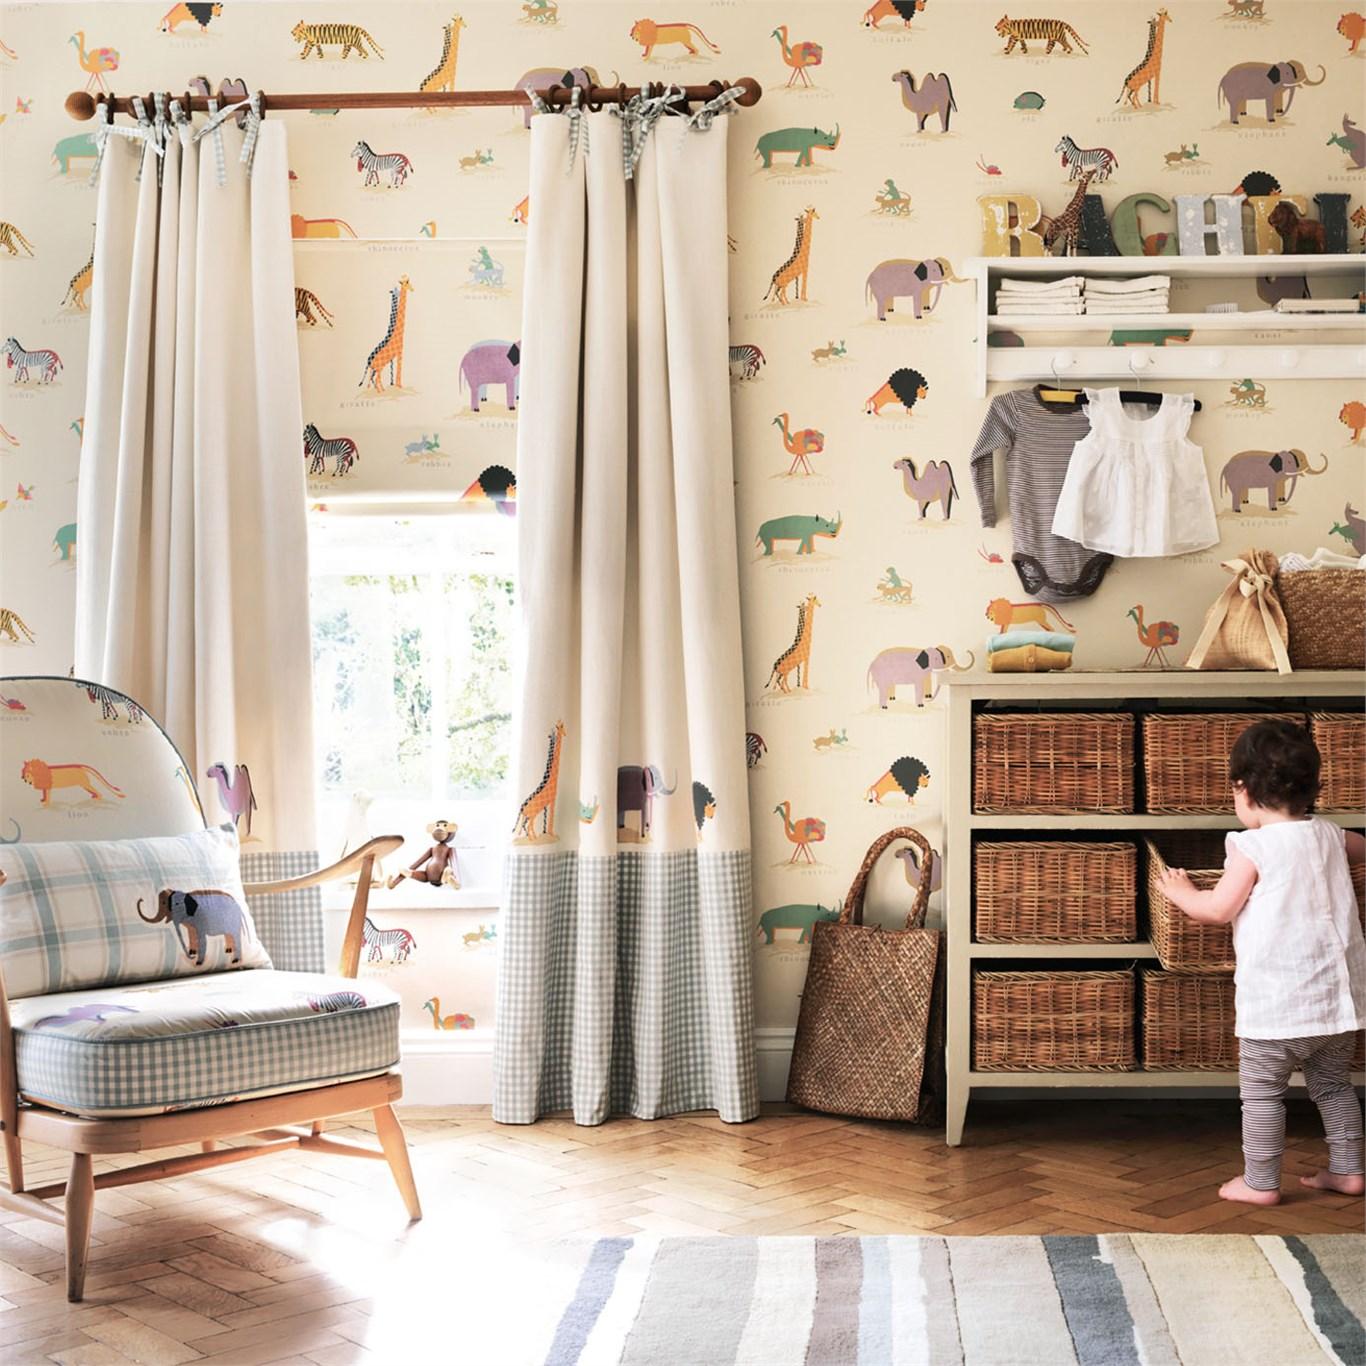 Дизайн штор для детской комнаты со зверями